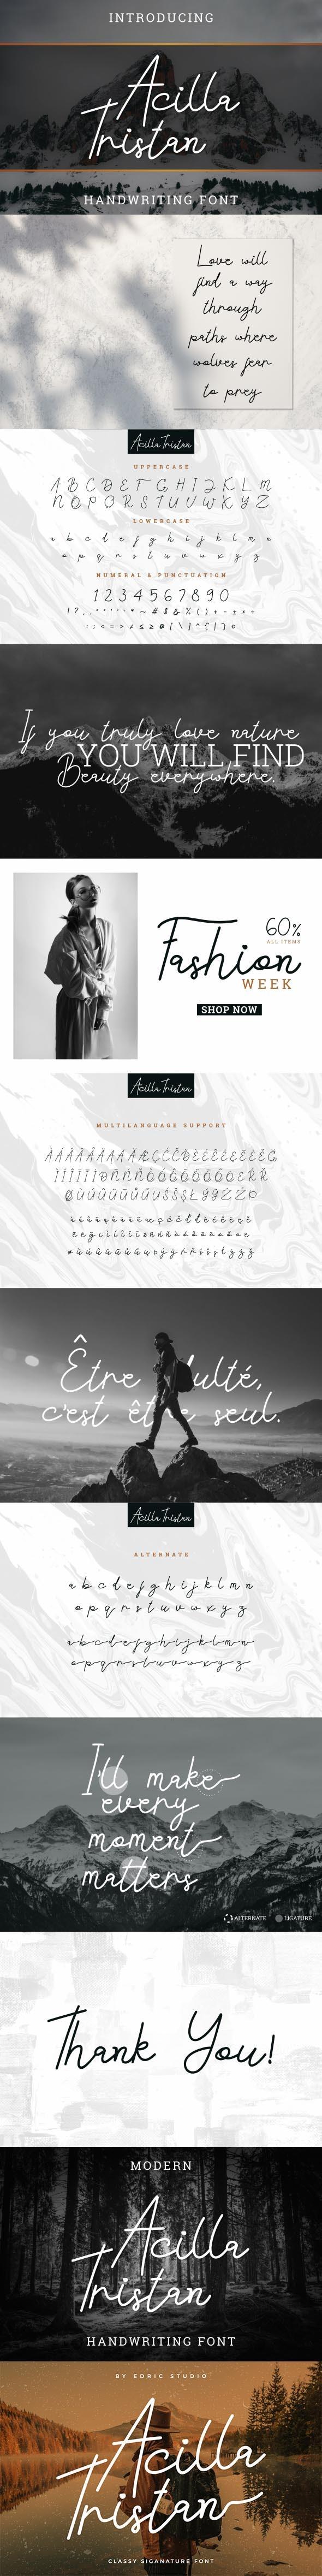 Acilla Tristan - Handwriting Fonts